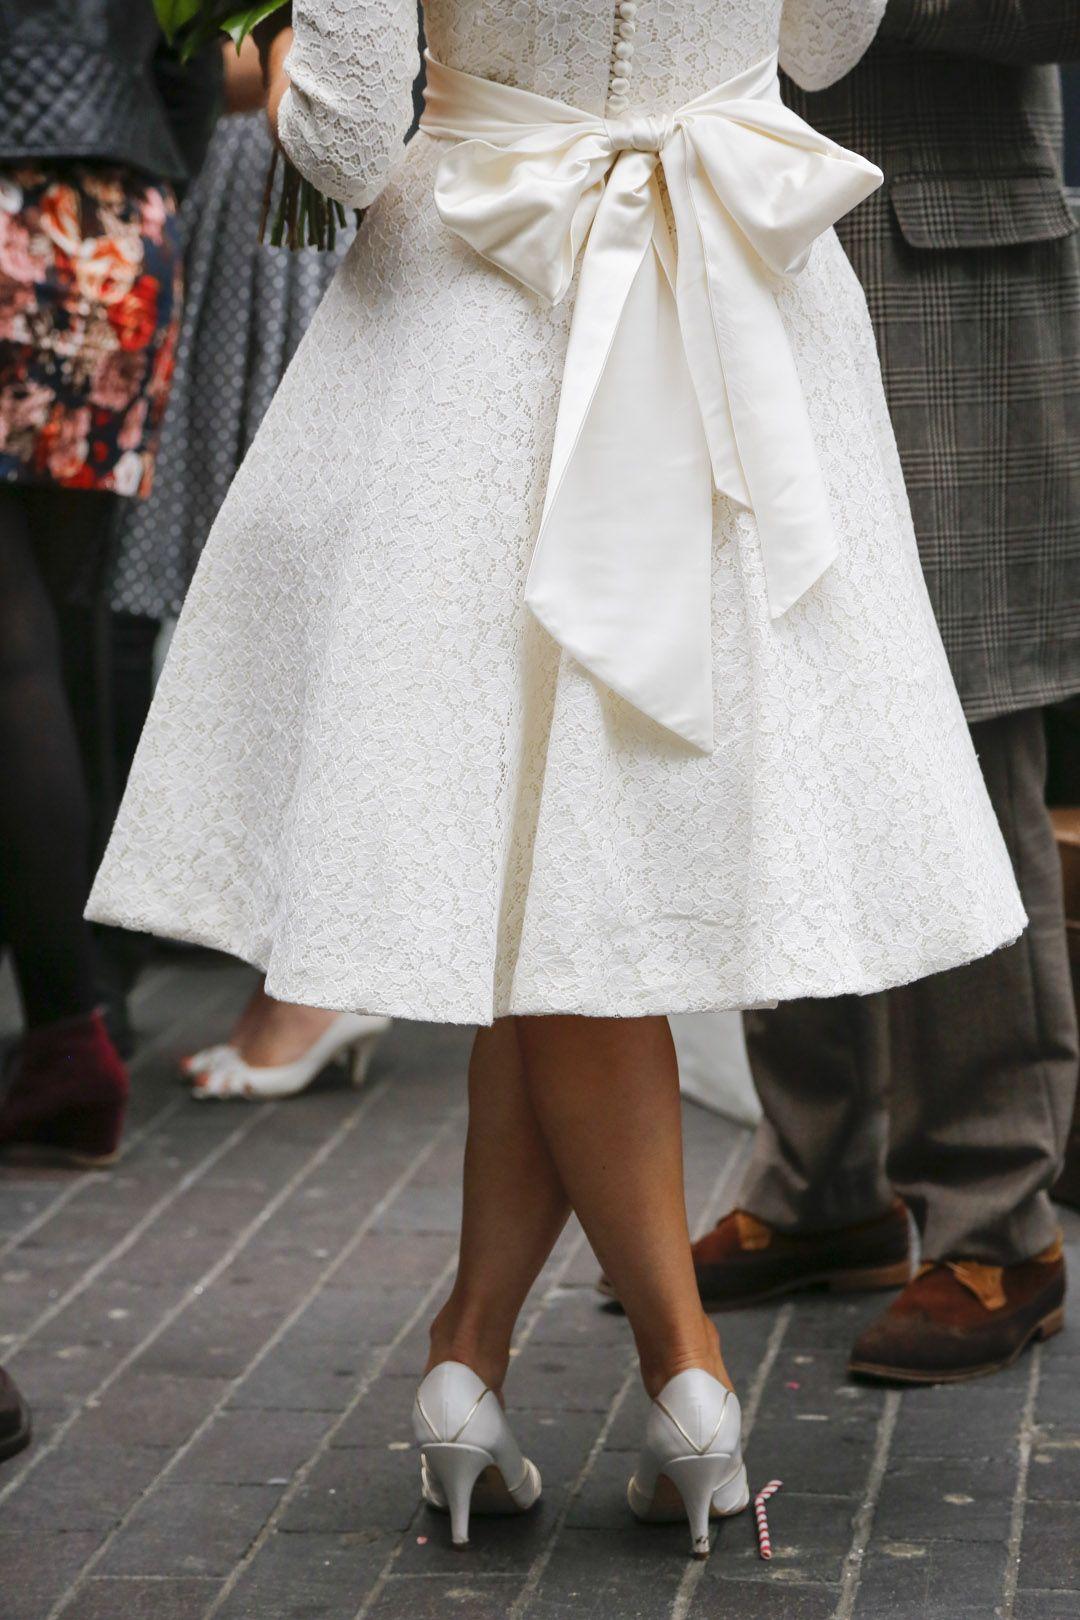 Fur coat no knickers our brides a dress pinterest fur coat